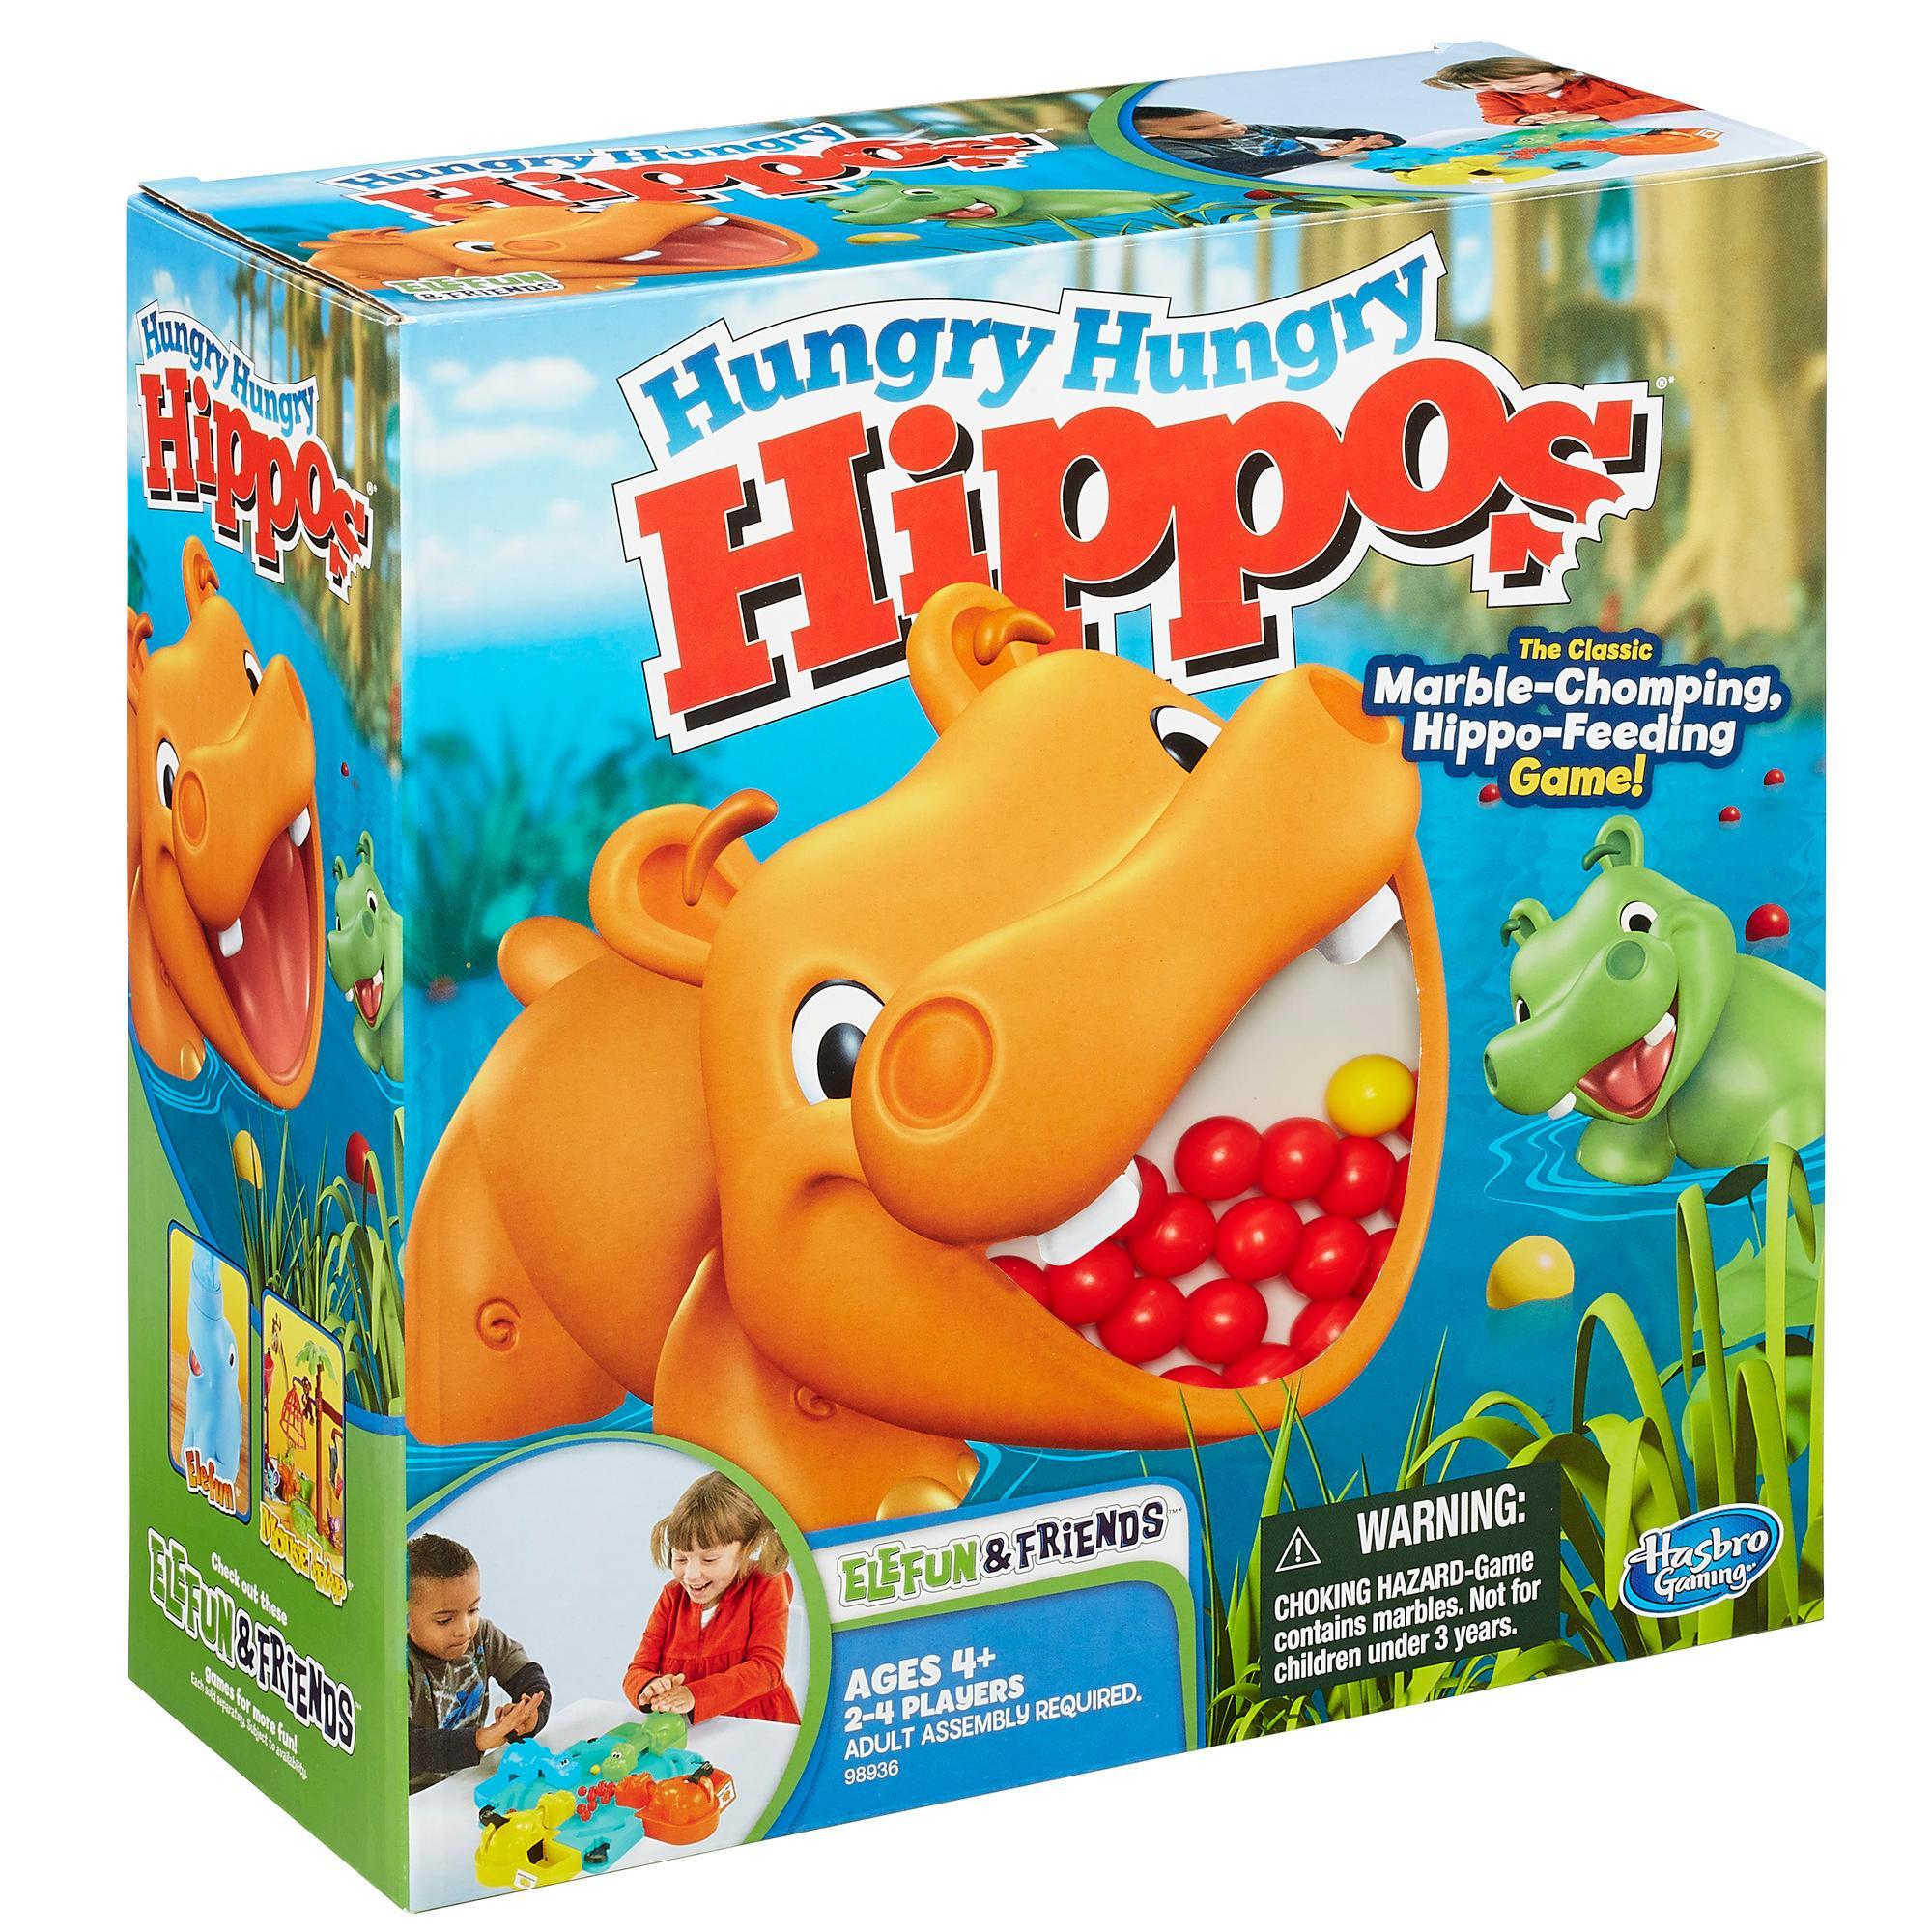 hasbro hippo